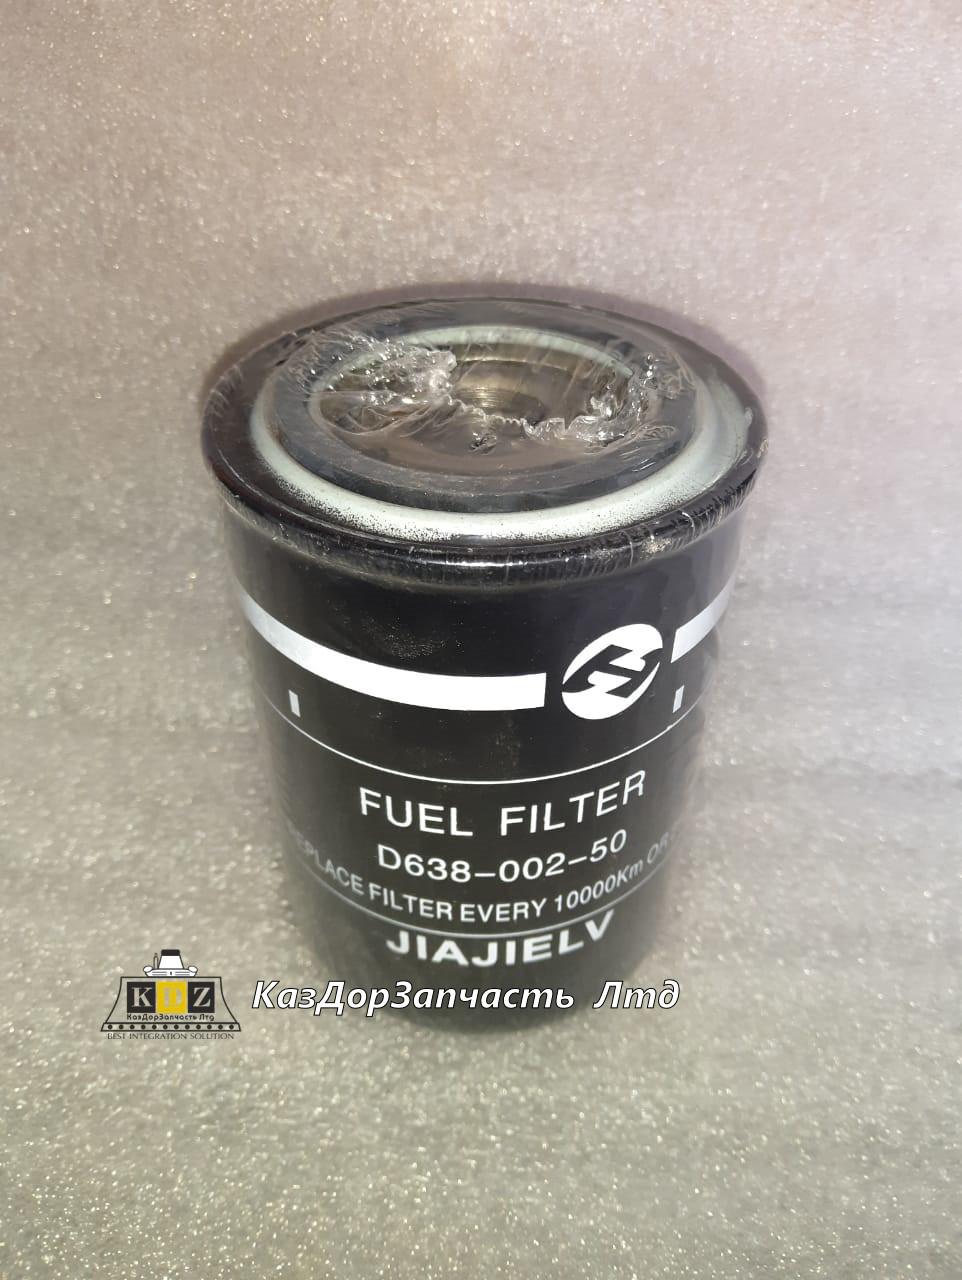 Топливный фильтр D638-002-50A